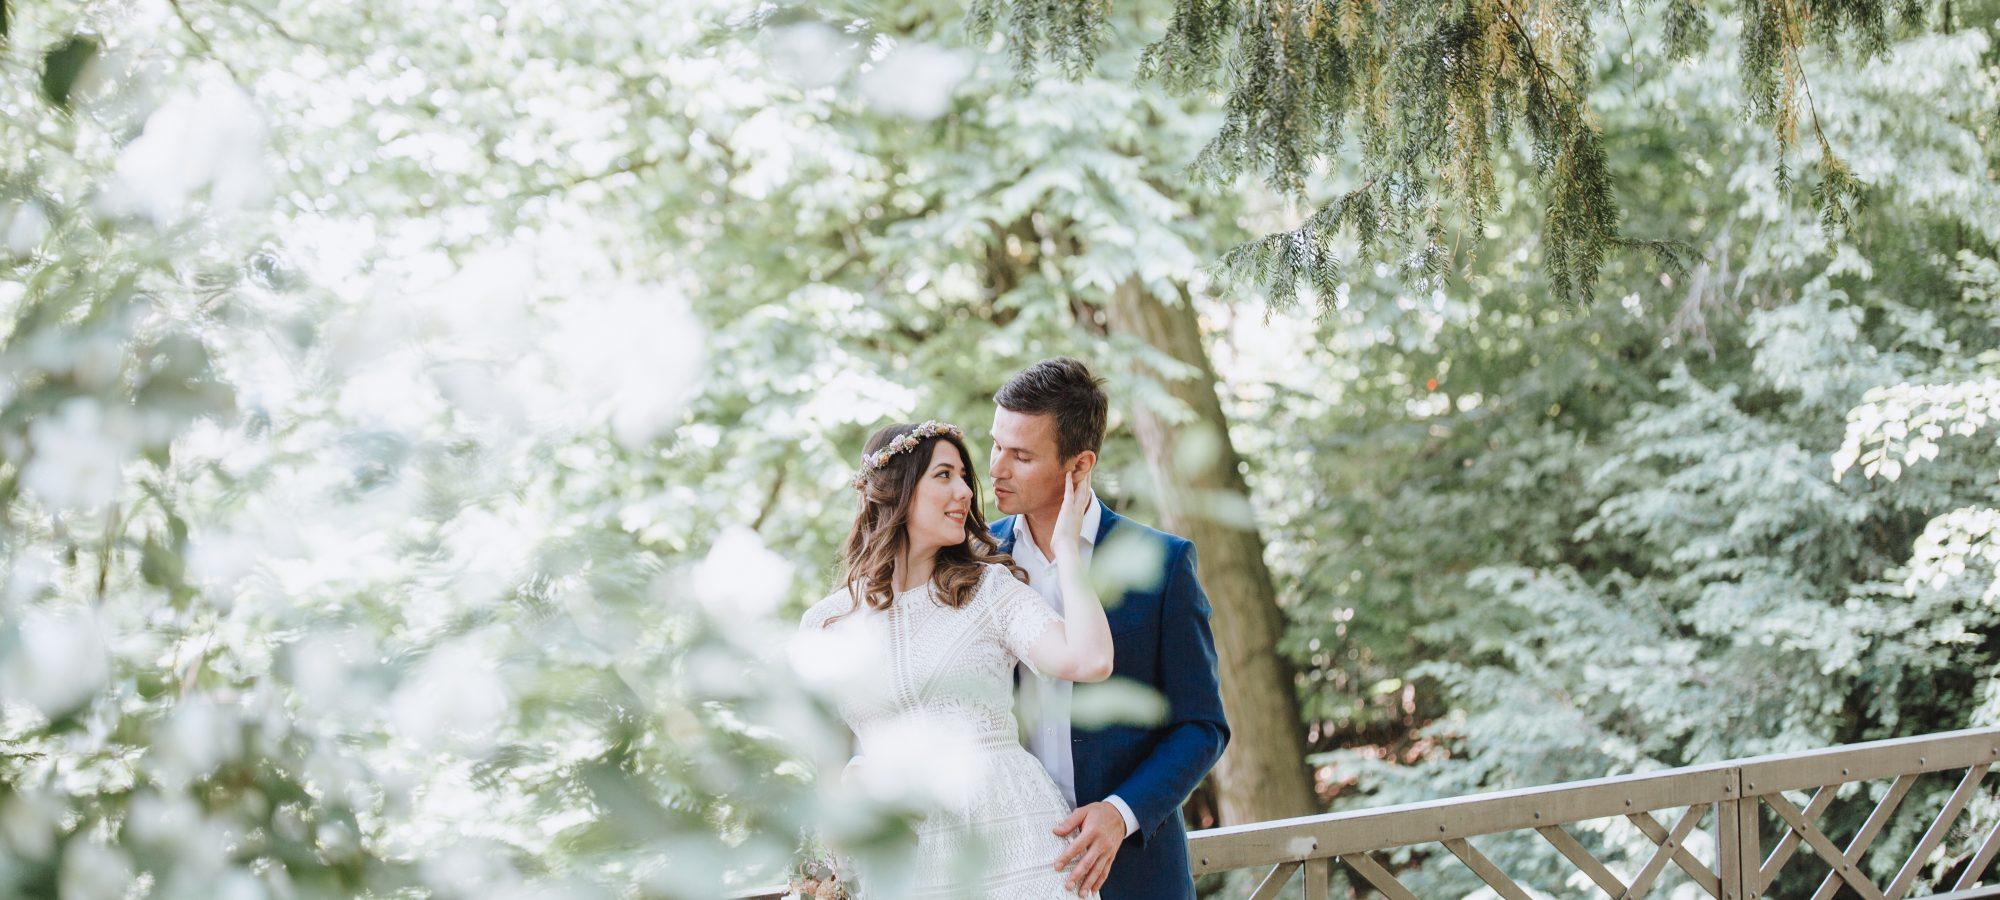 Hochzeitsfotograf in Aschaffenburg - Brautpaarshooting Pompejanum